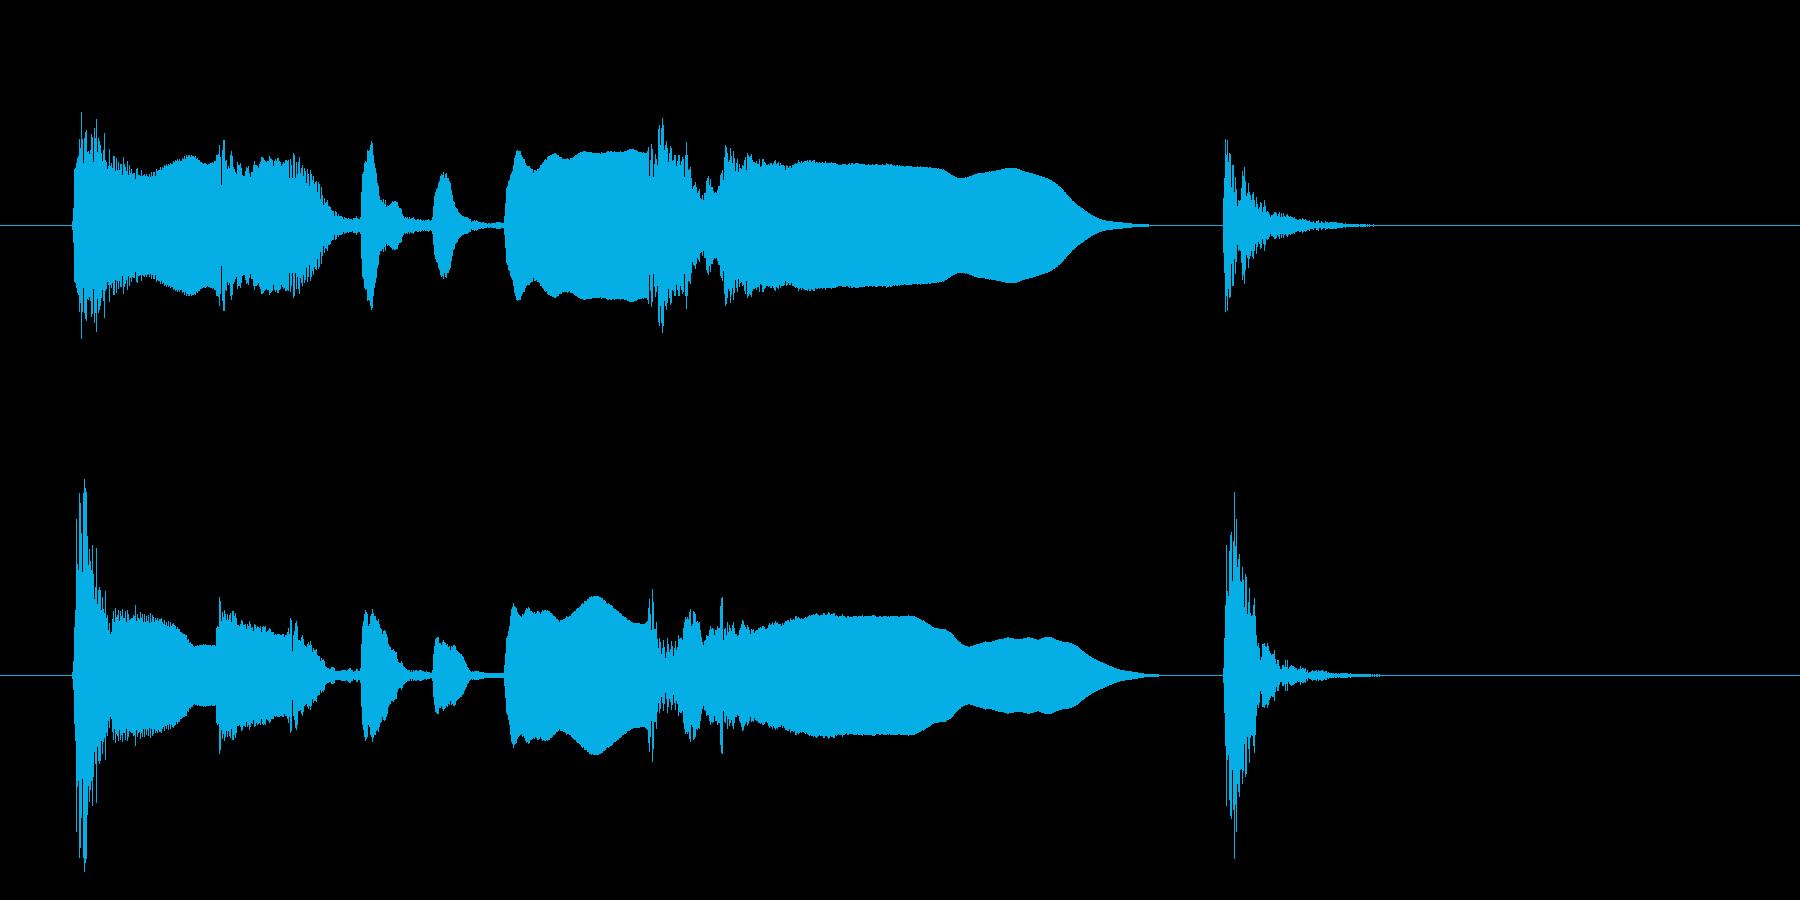 少しお間抜けなクラリネットアイキャッチの再生済みの波形